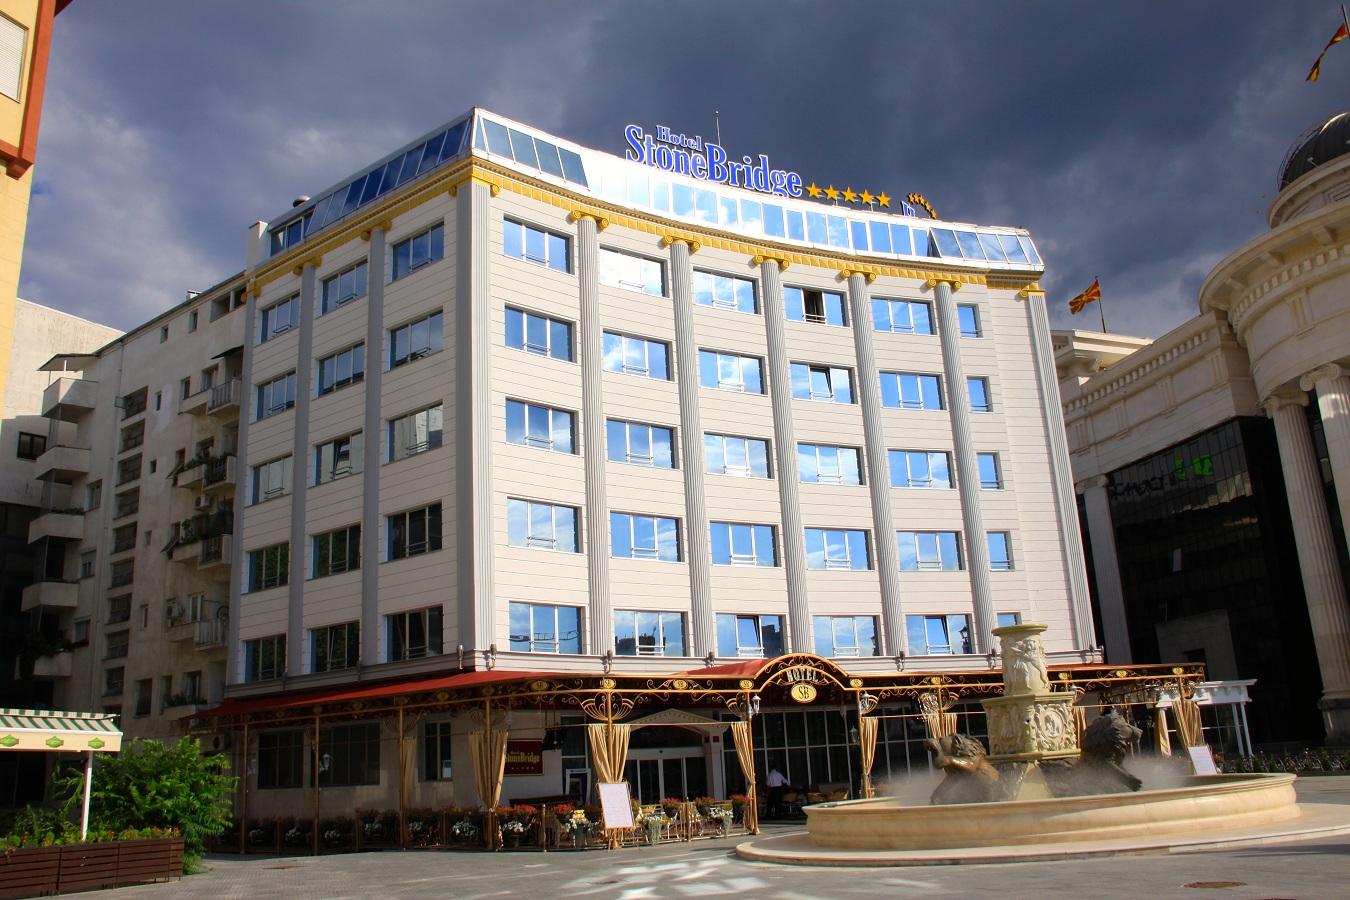 Hotel Stone Bridge Skopje